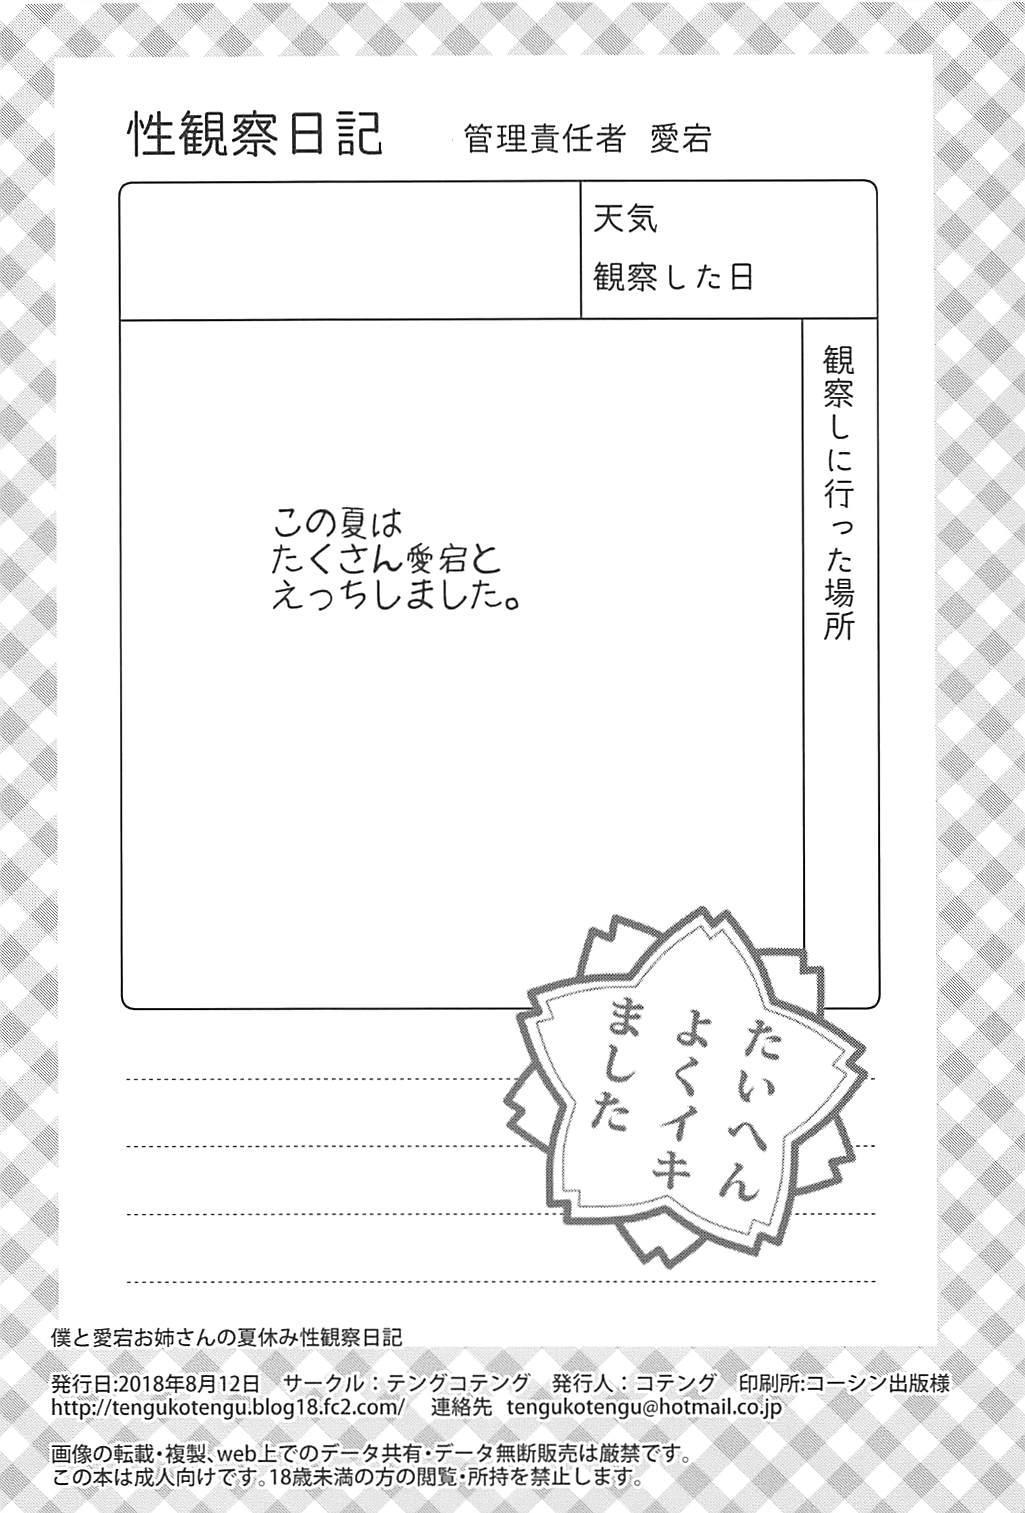 Boku to Atago Onee-san no Natsuyasumi Sei Kansatsu Nikki 16